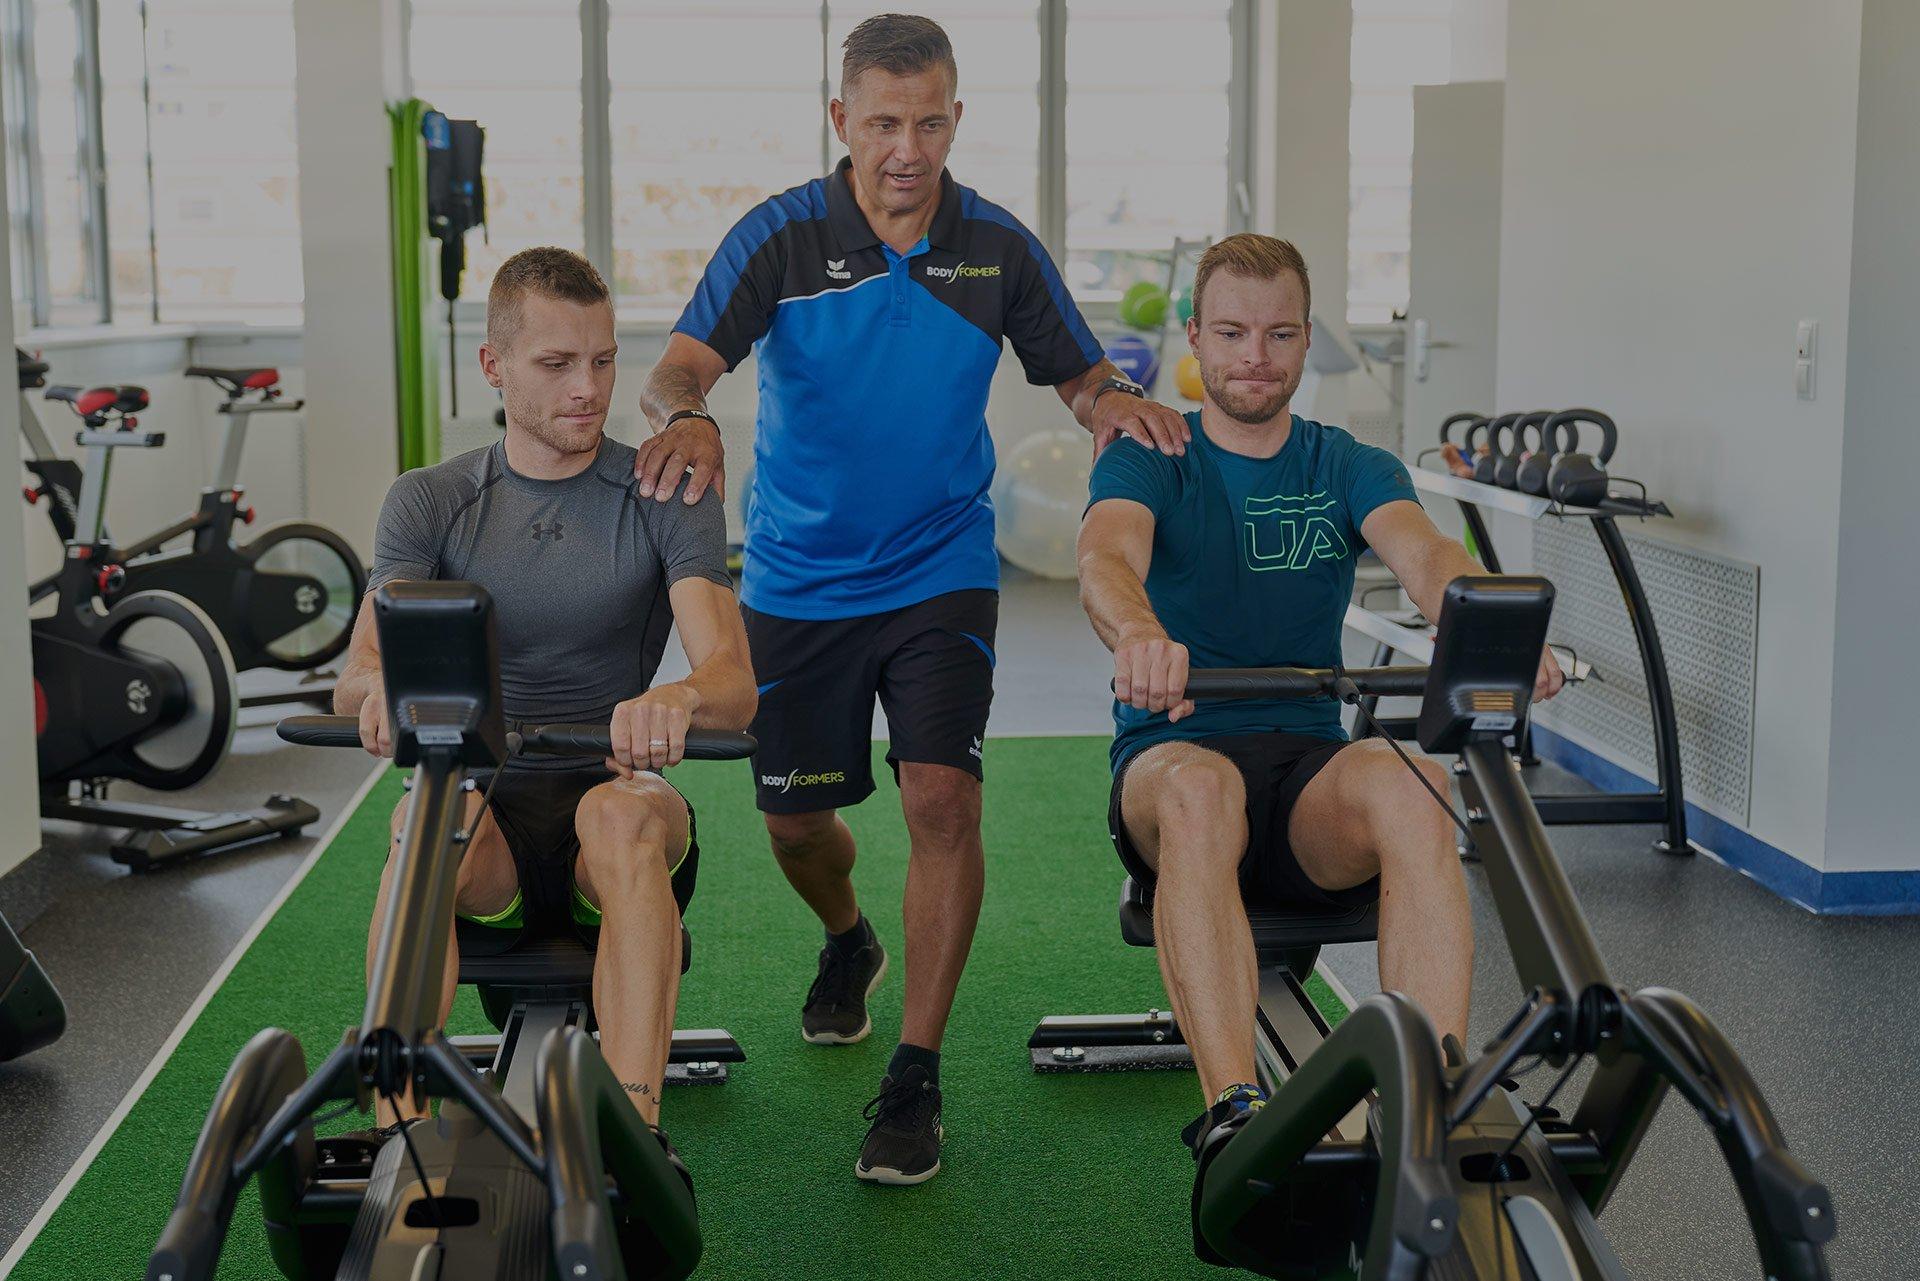 Kürzere Trainingszeiten bei besseren Ergebnissen!